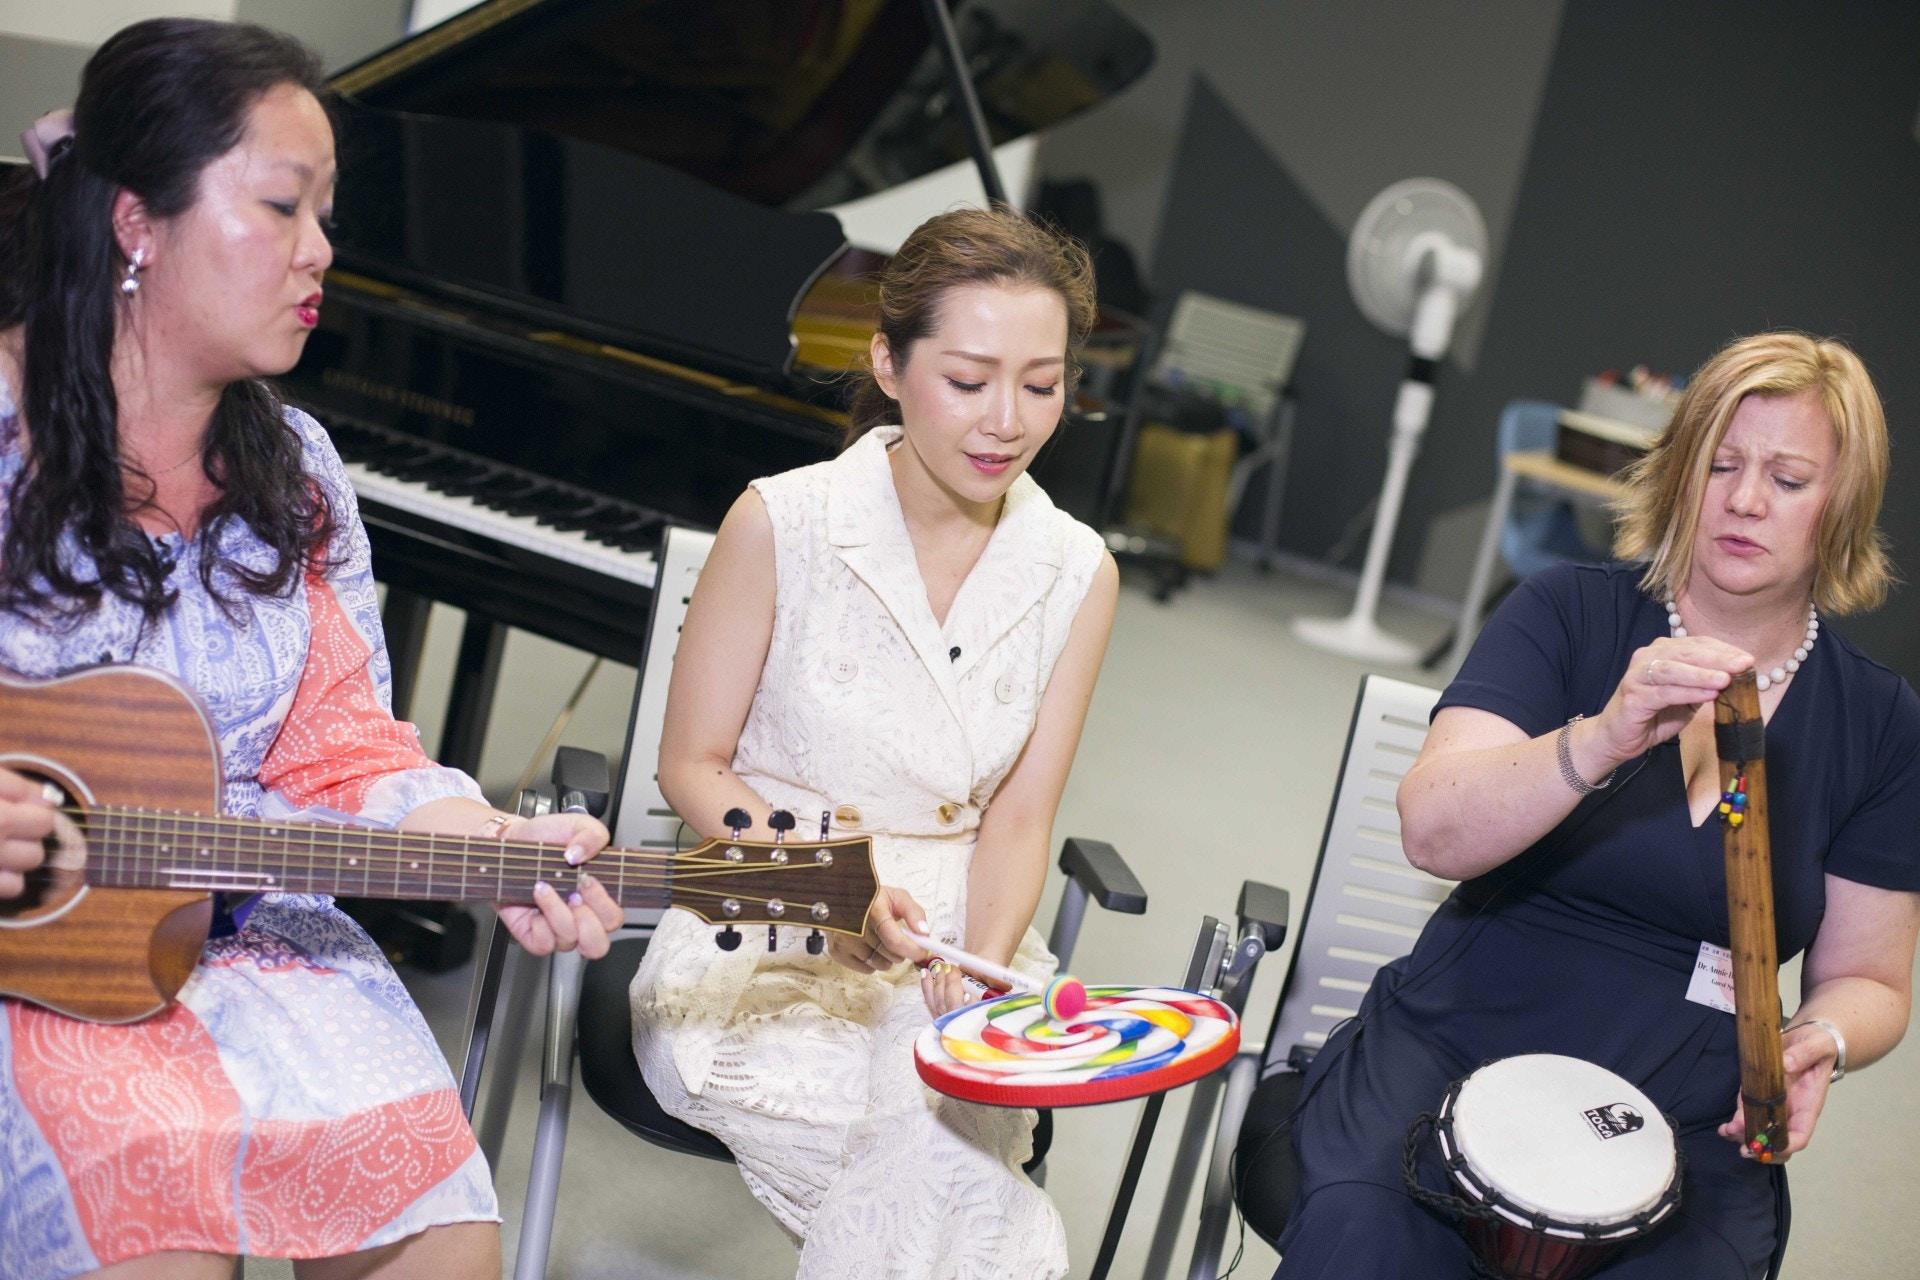 三人現場示範如何利用音樂作治療。(黃寶瑩攝)